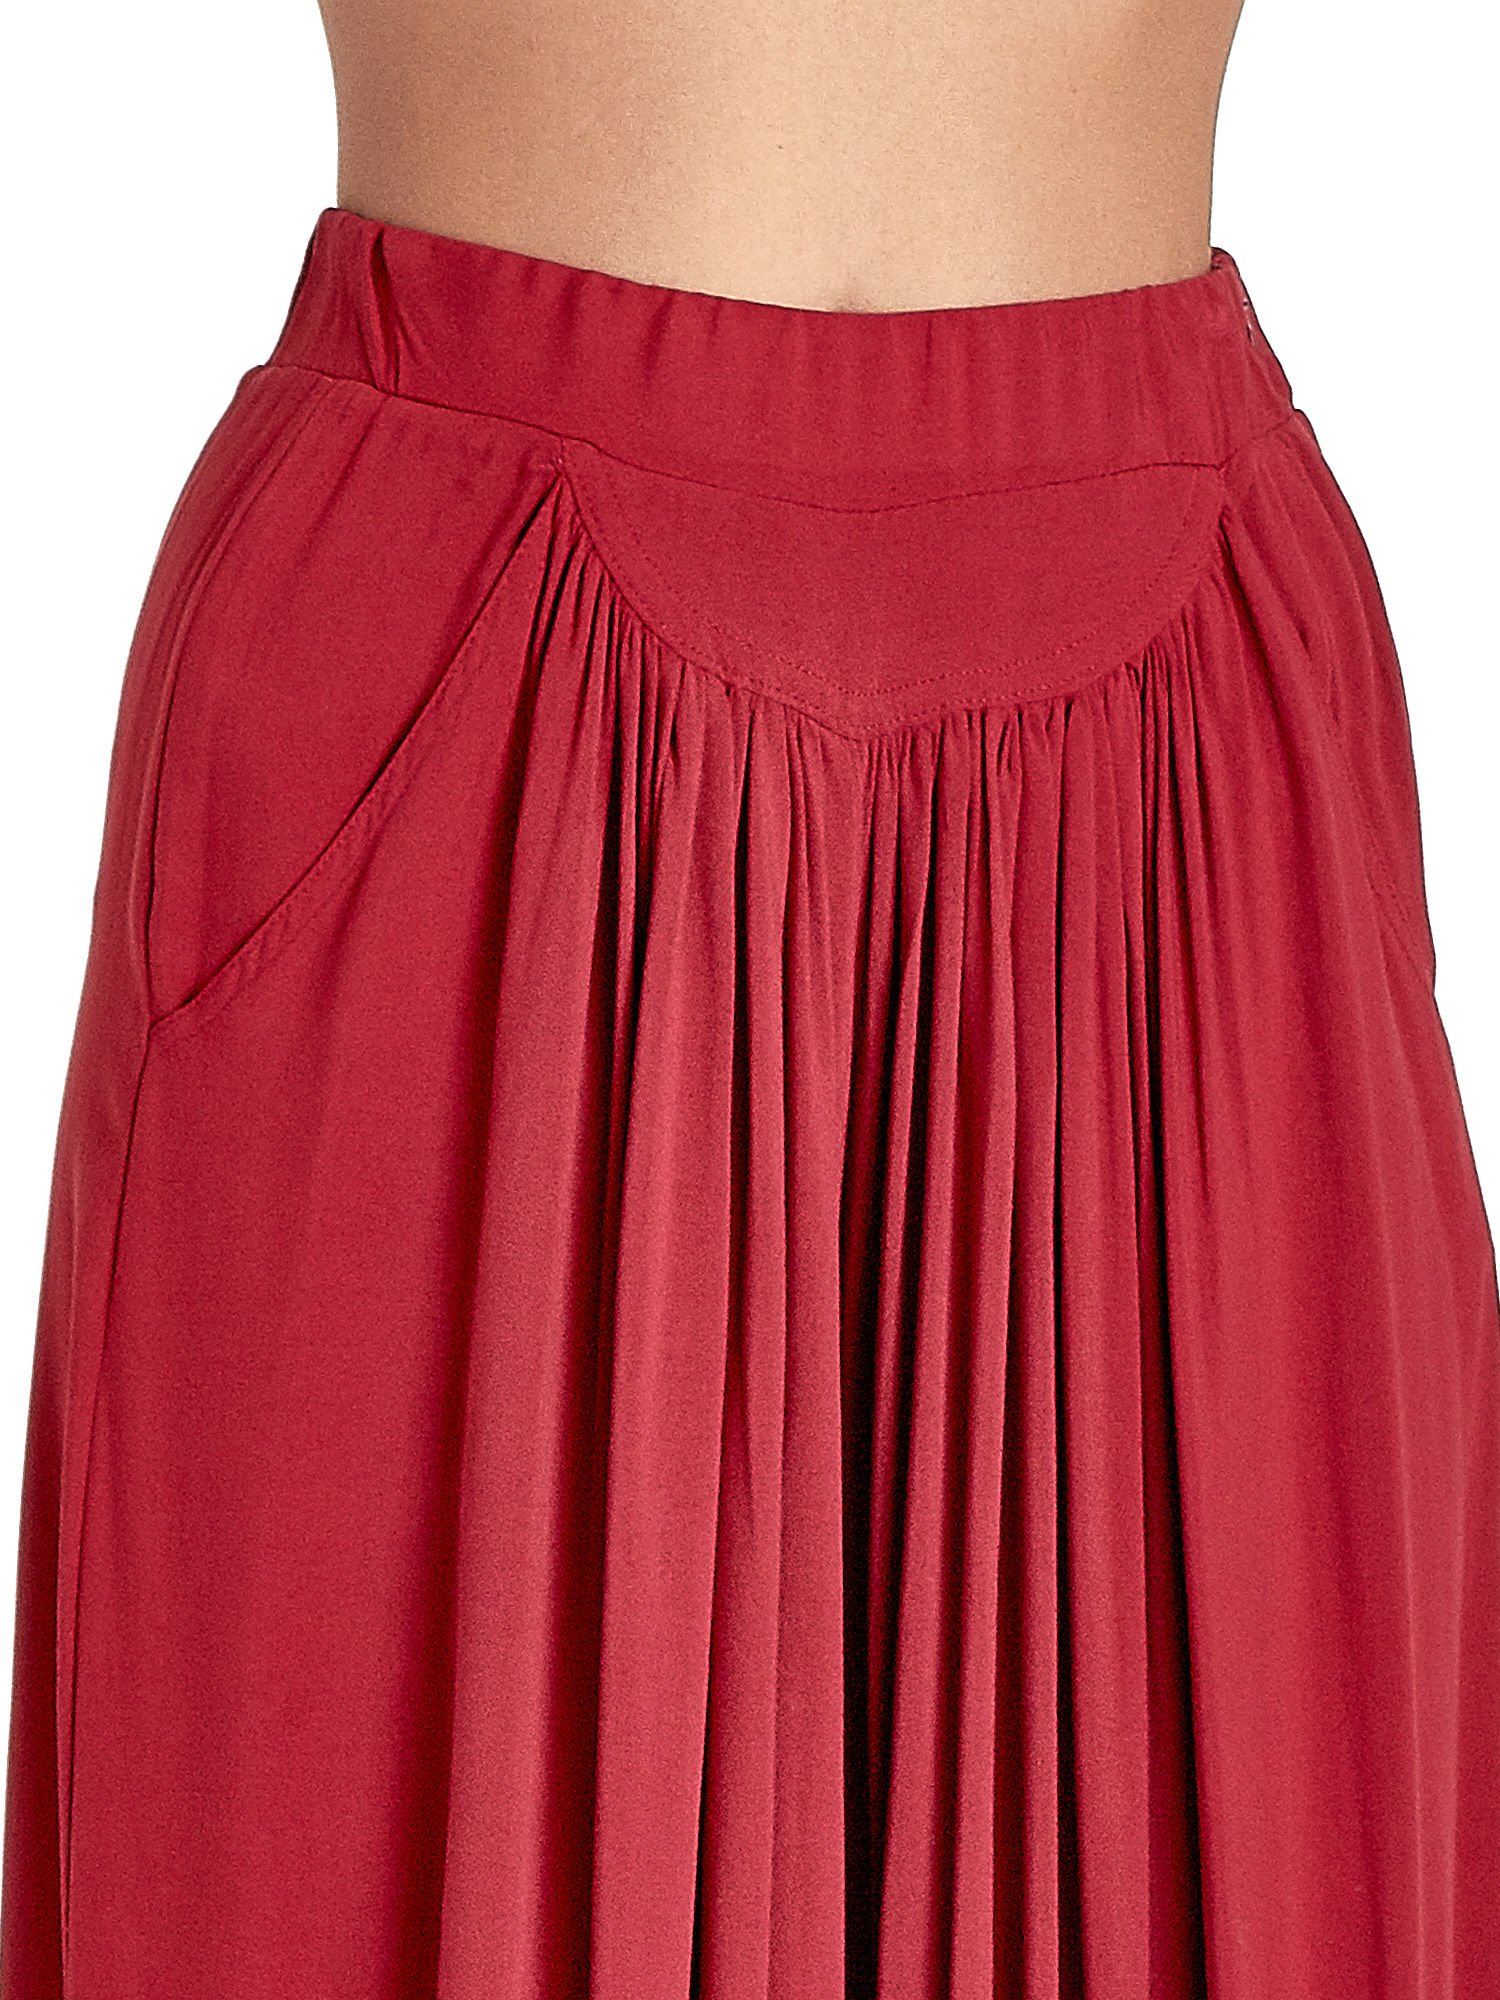 Czerwone zwiewne spodnie typu culottes                                  zdj.                                  7